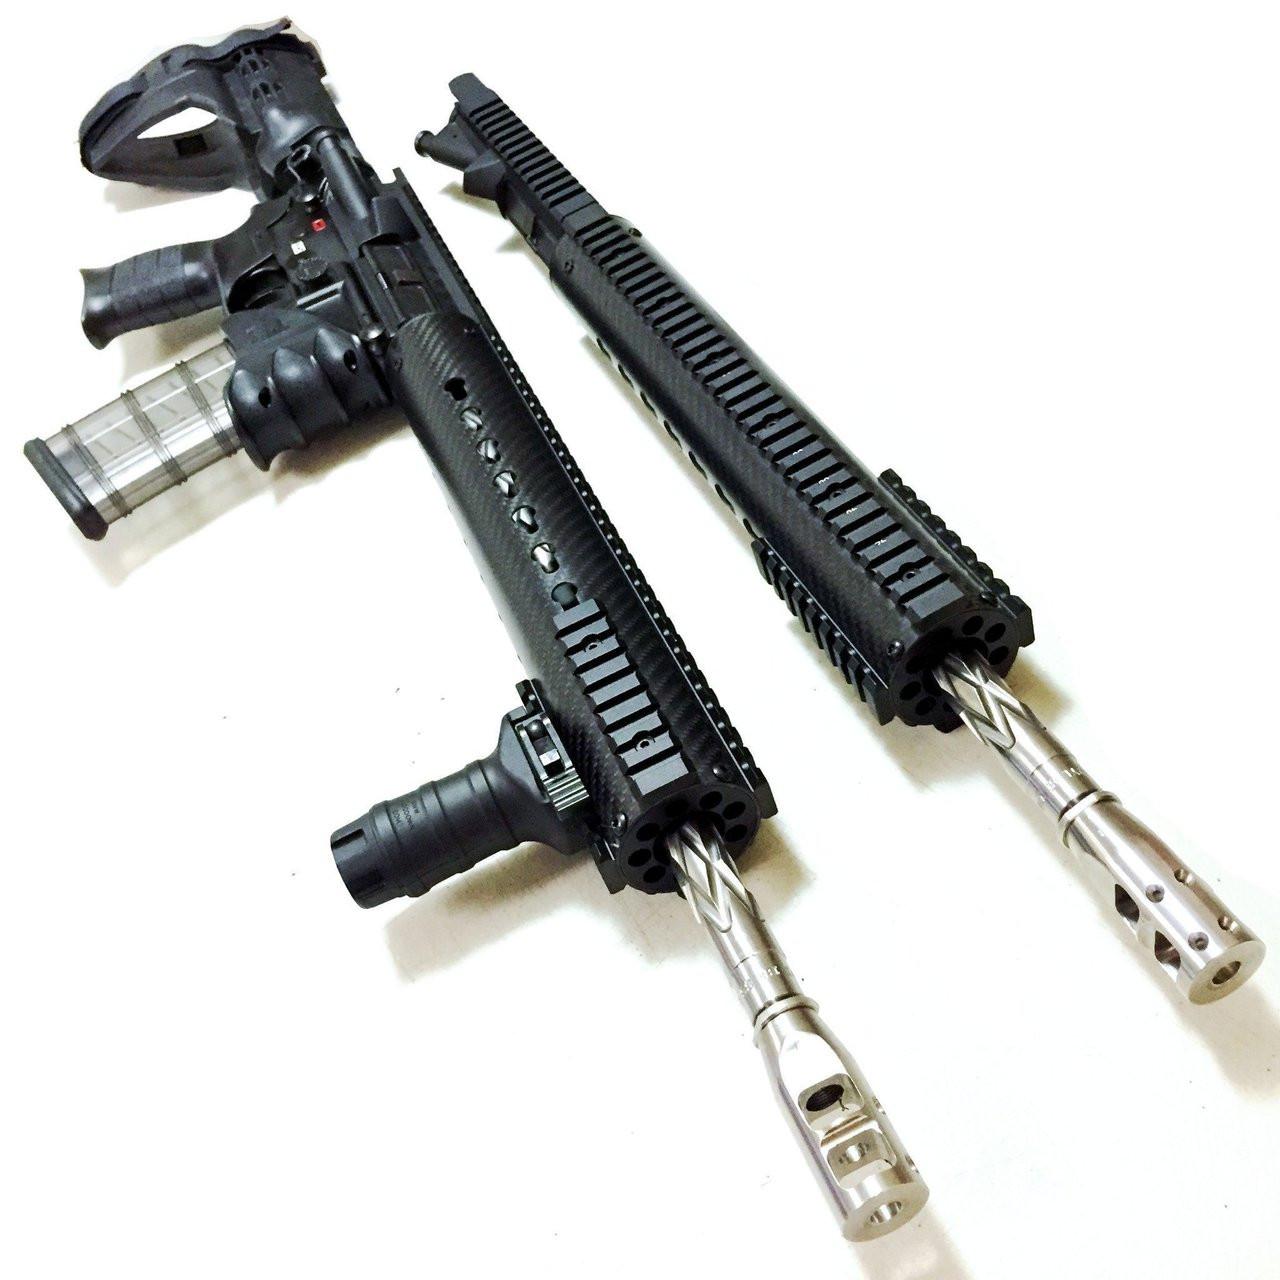 """COBRATAC Scout Carbon Pro   16.5"""" Free Float Key Mod  Hand-guard AR-15"""